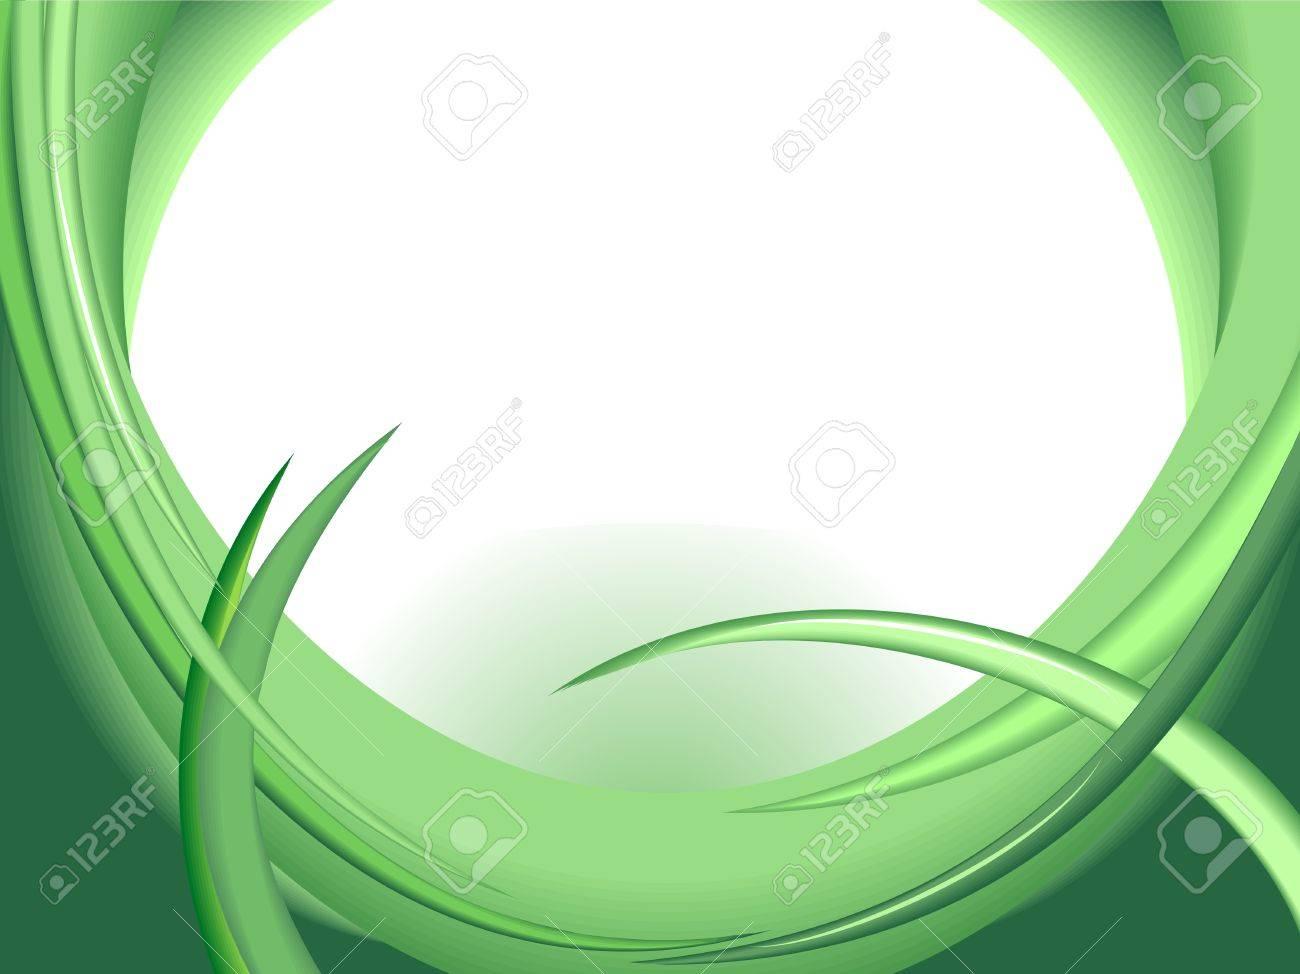 Green abstract design Stock Vector - 5298615